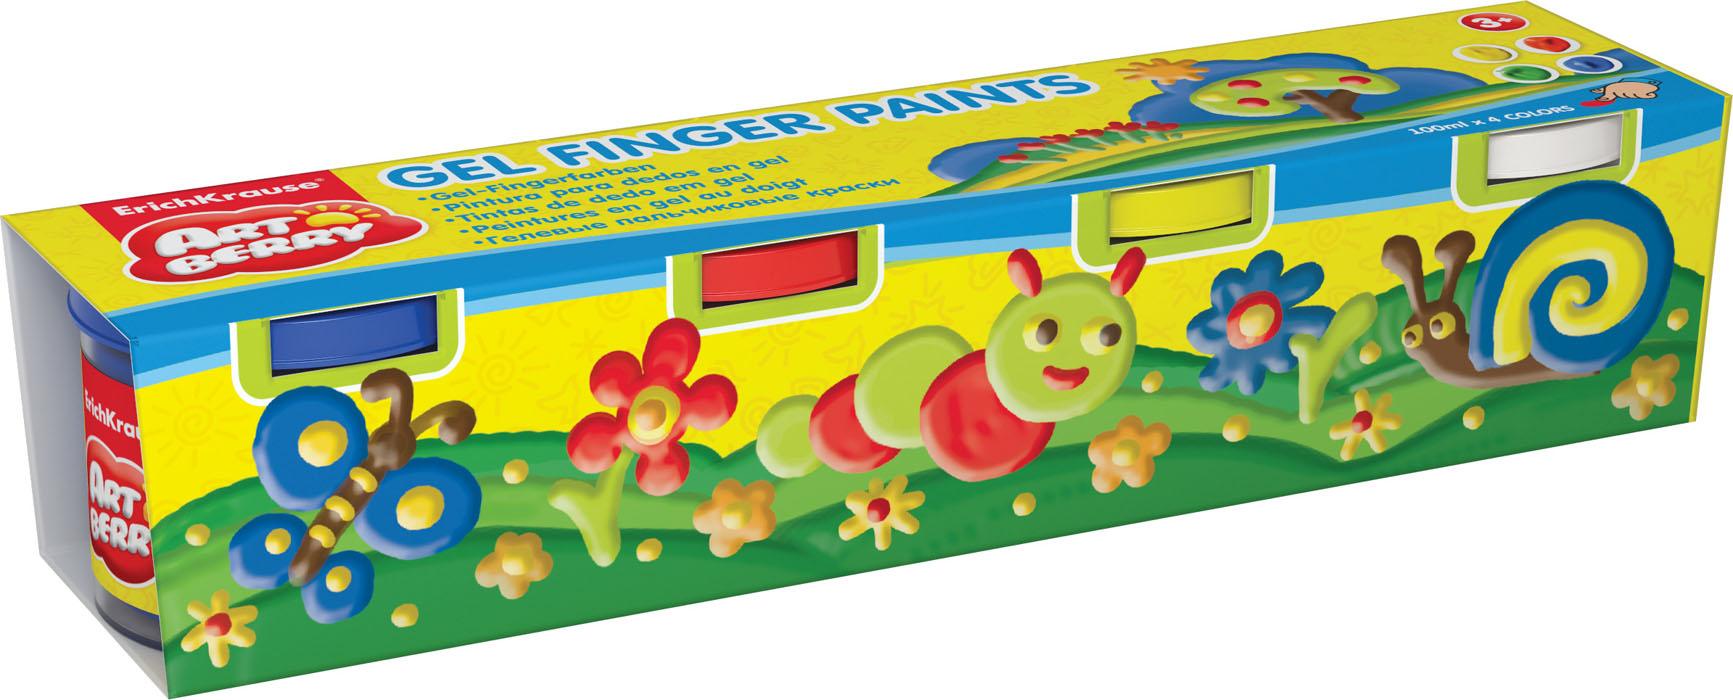 Пальчиковые краски Artberry 4 бан/100мл карт/рукав